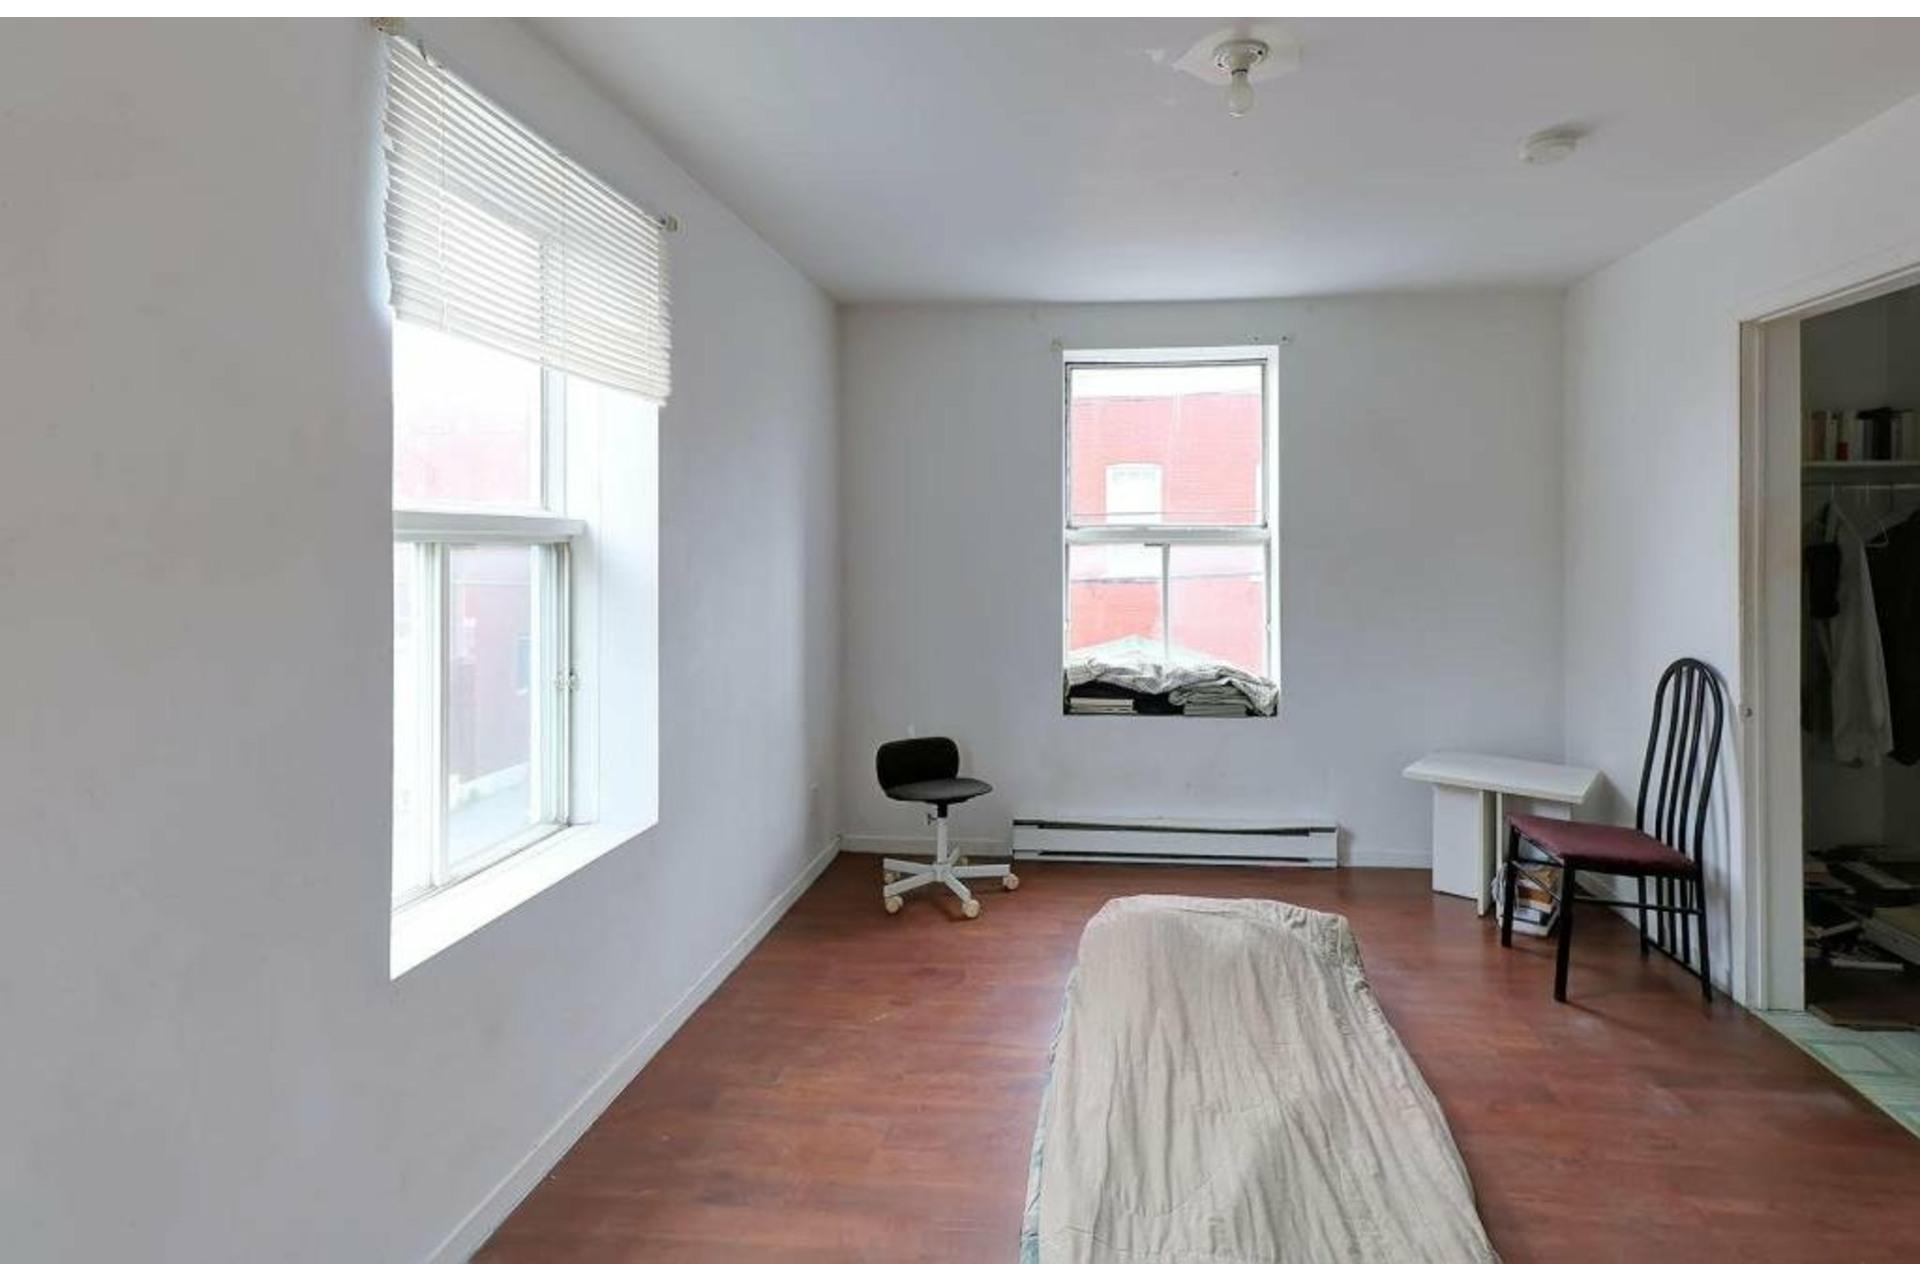 image 5 - Immeuble à revenus À vendre Trois-Rivières - 2 pièces